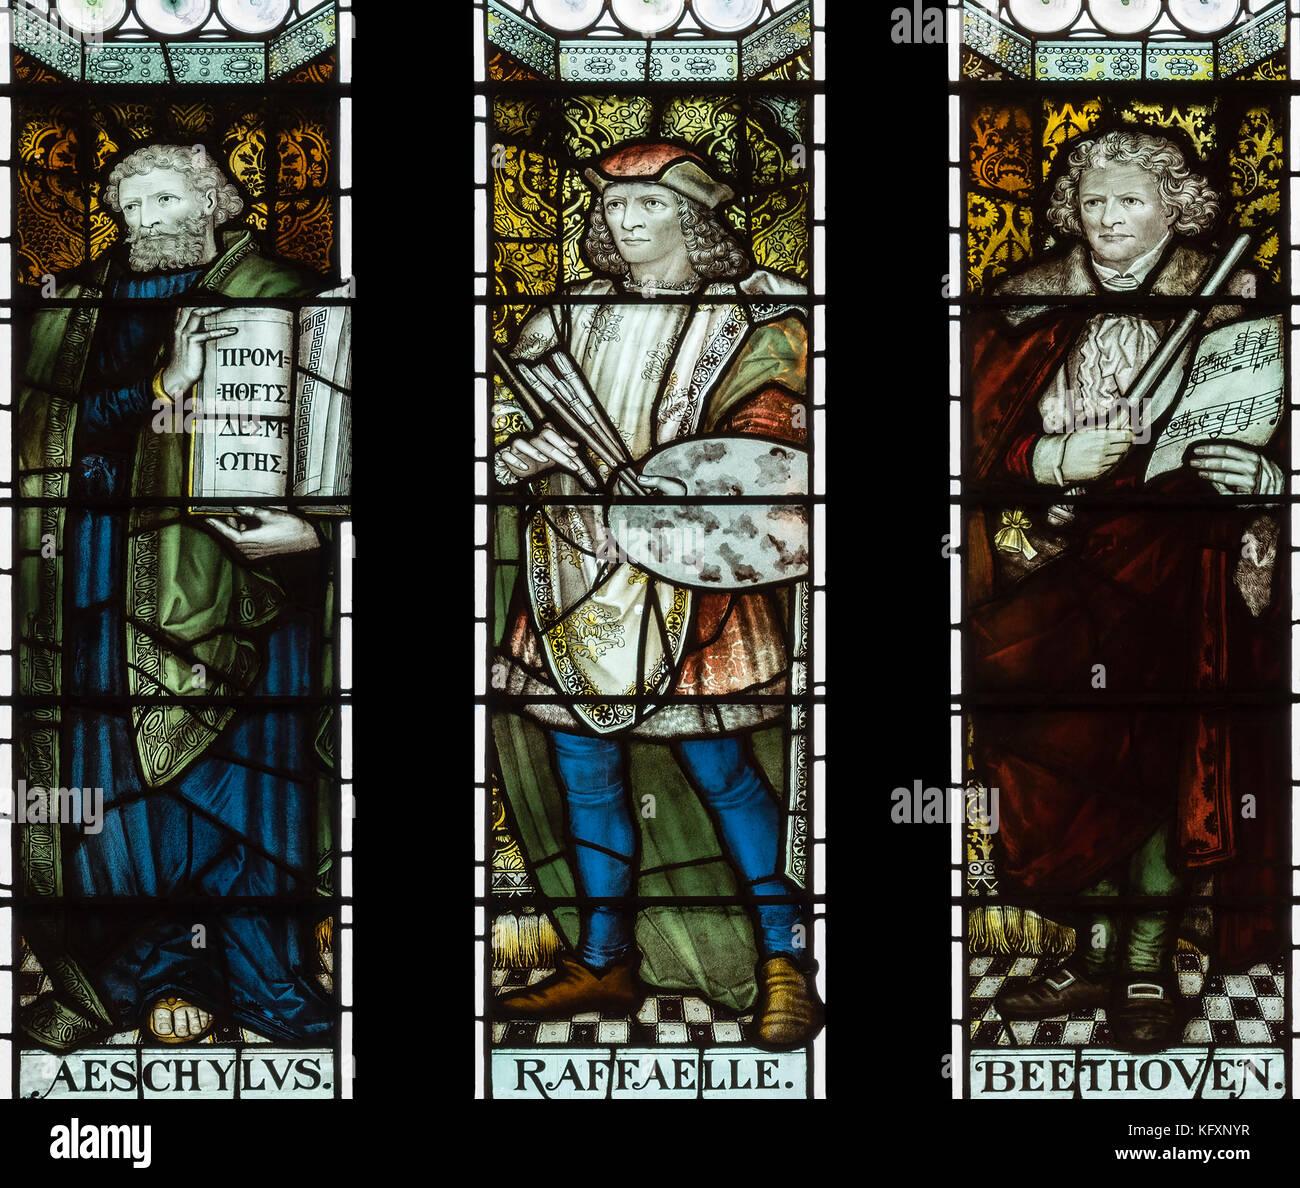 Aclamadas personalidades del mundo del arte se celebra en la Biblioteca John Rylands, Manchester, Reino Unido Foto de stock